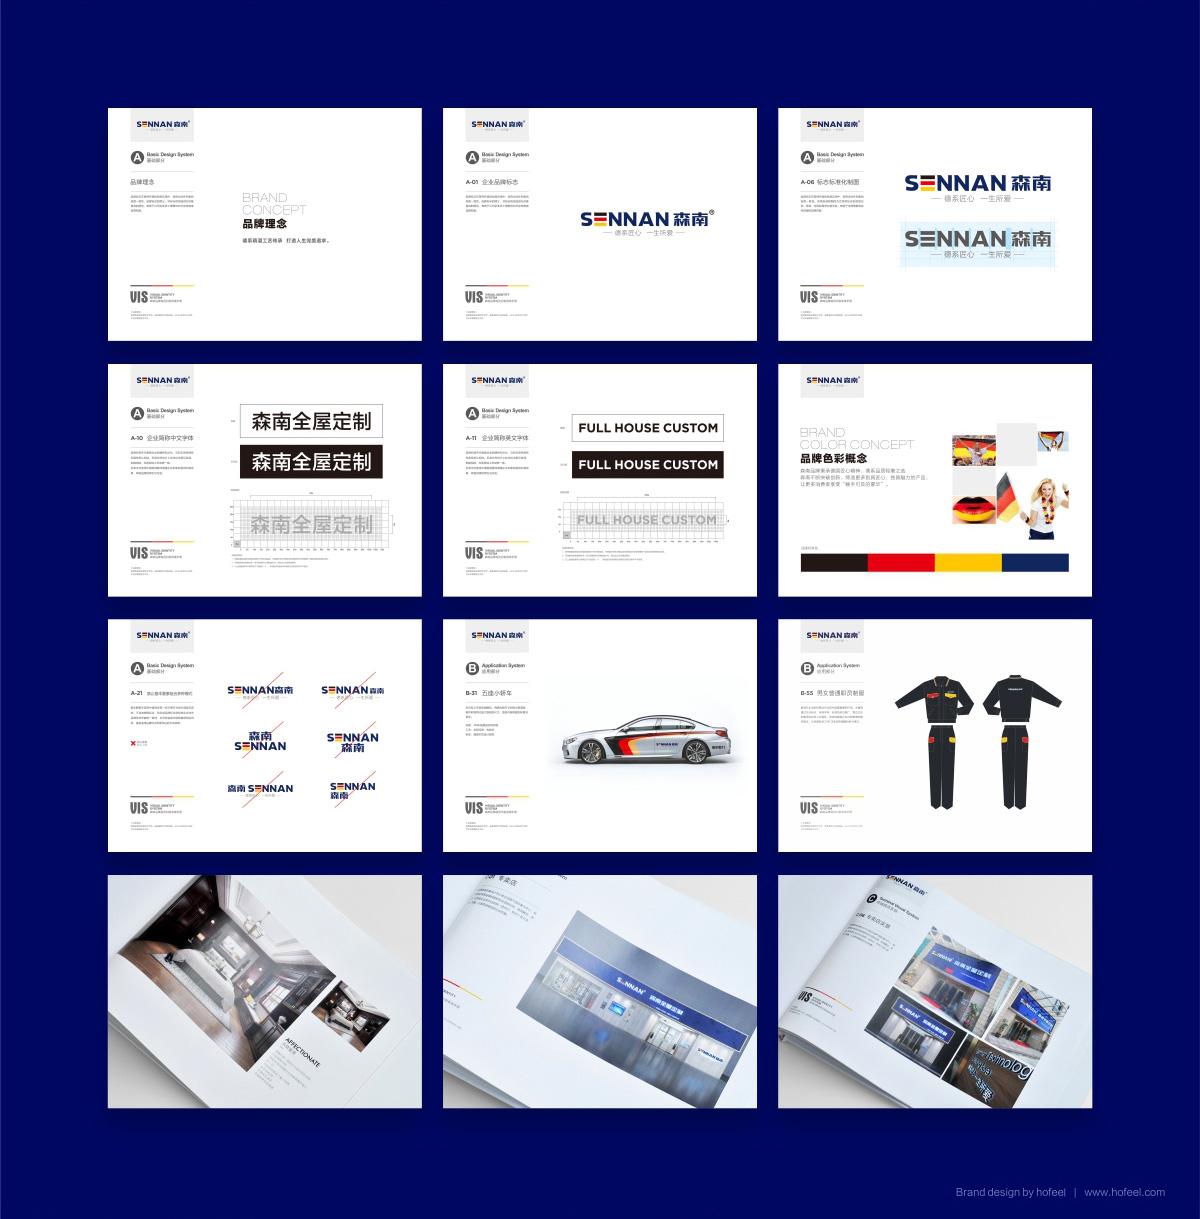 森南公司品牌形象/宣传画册/LOGO设计10